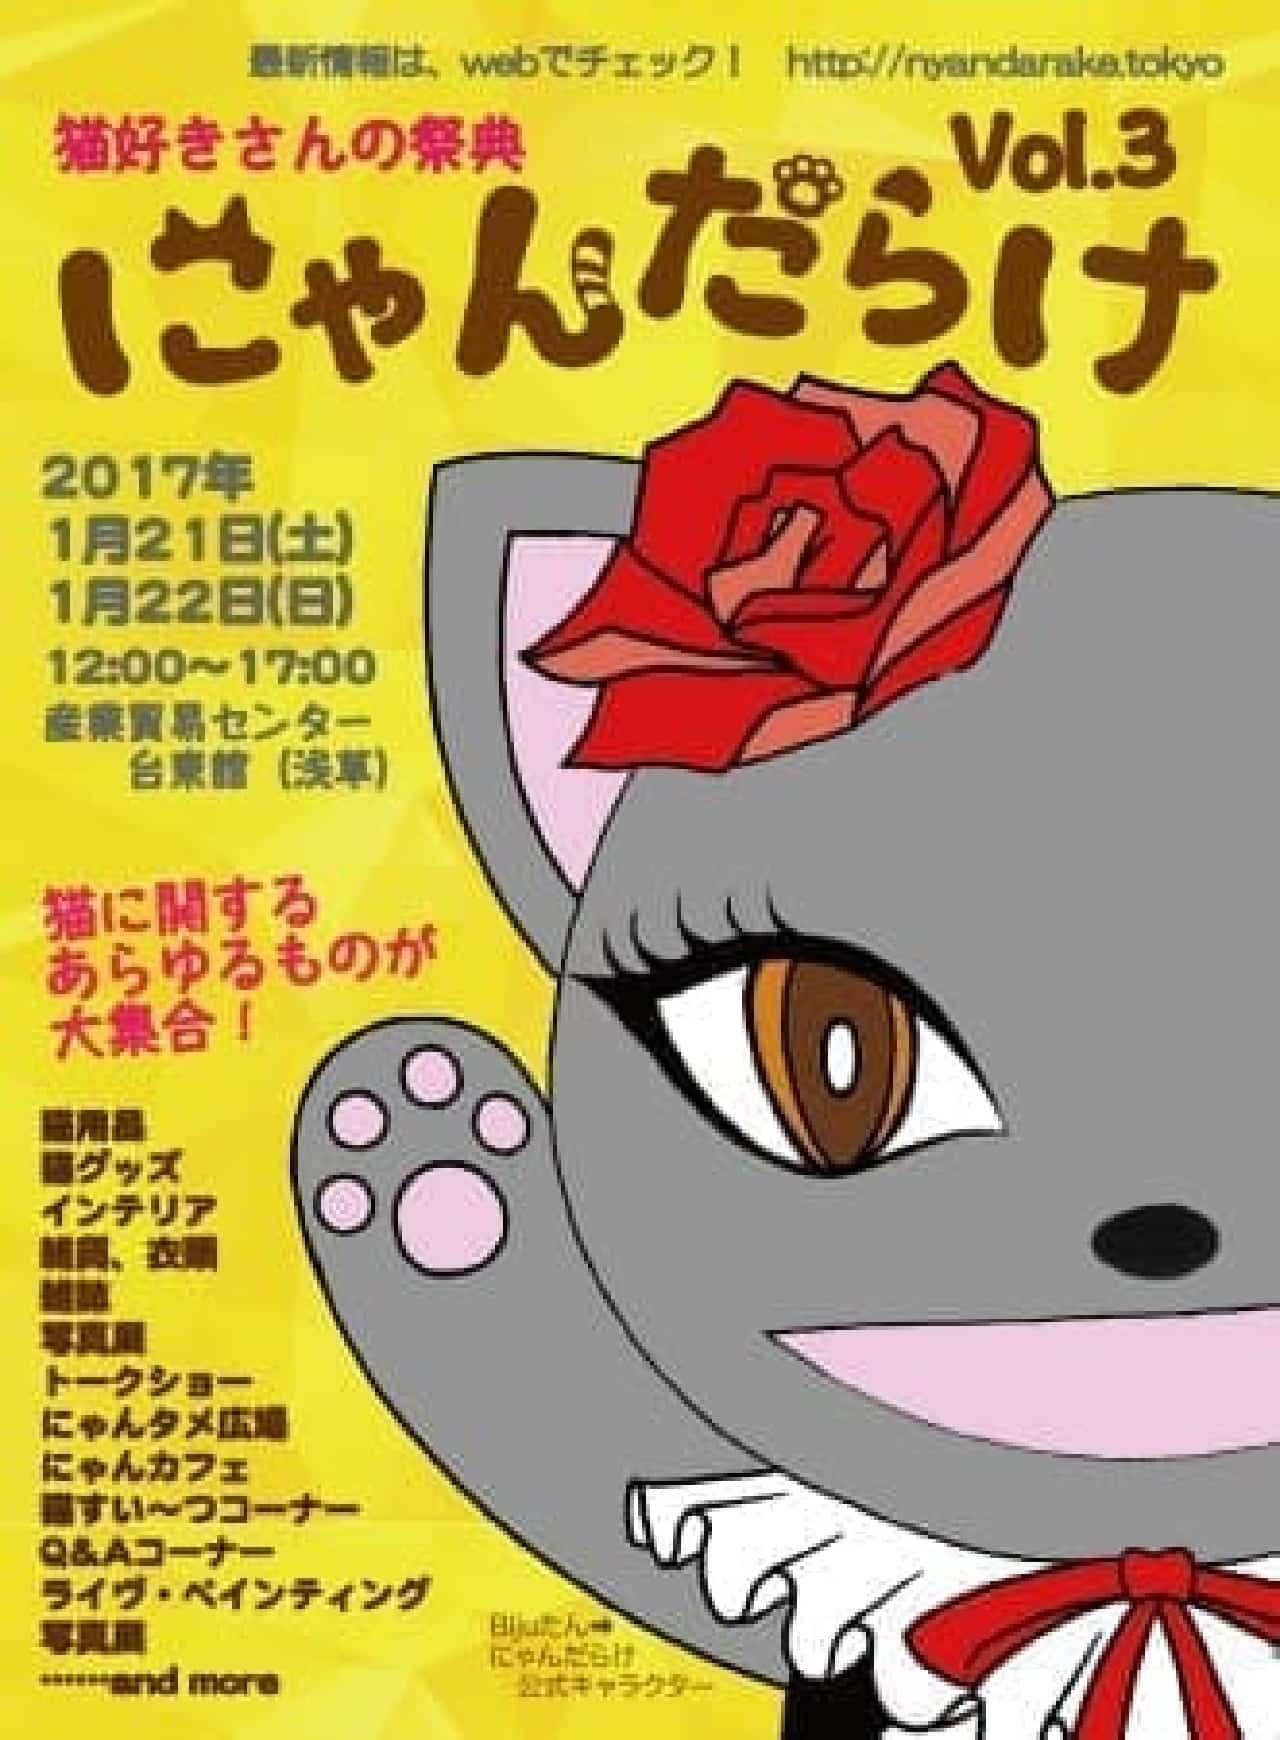 猫好きさんの祭典「にゃんだらけVol.3」